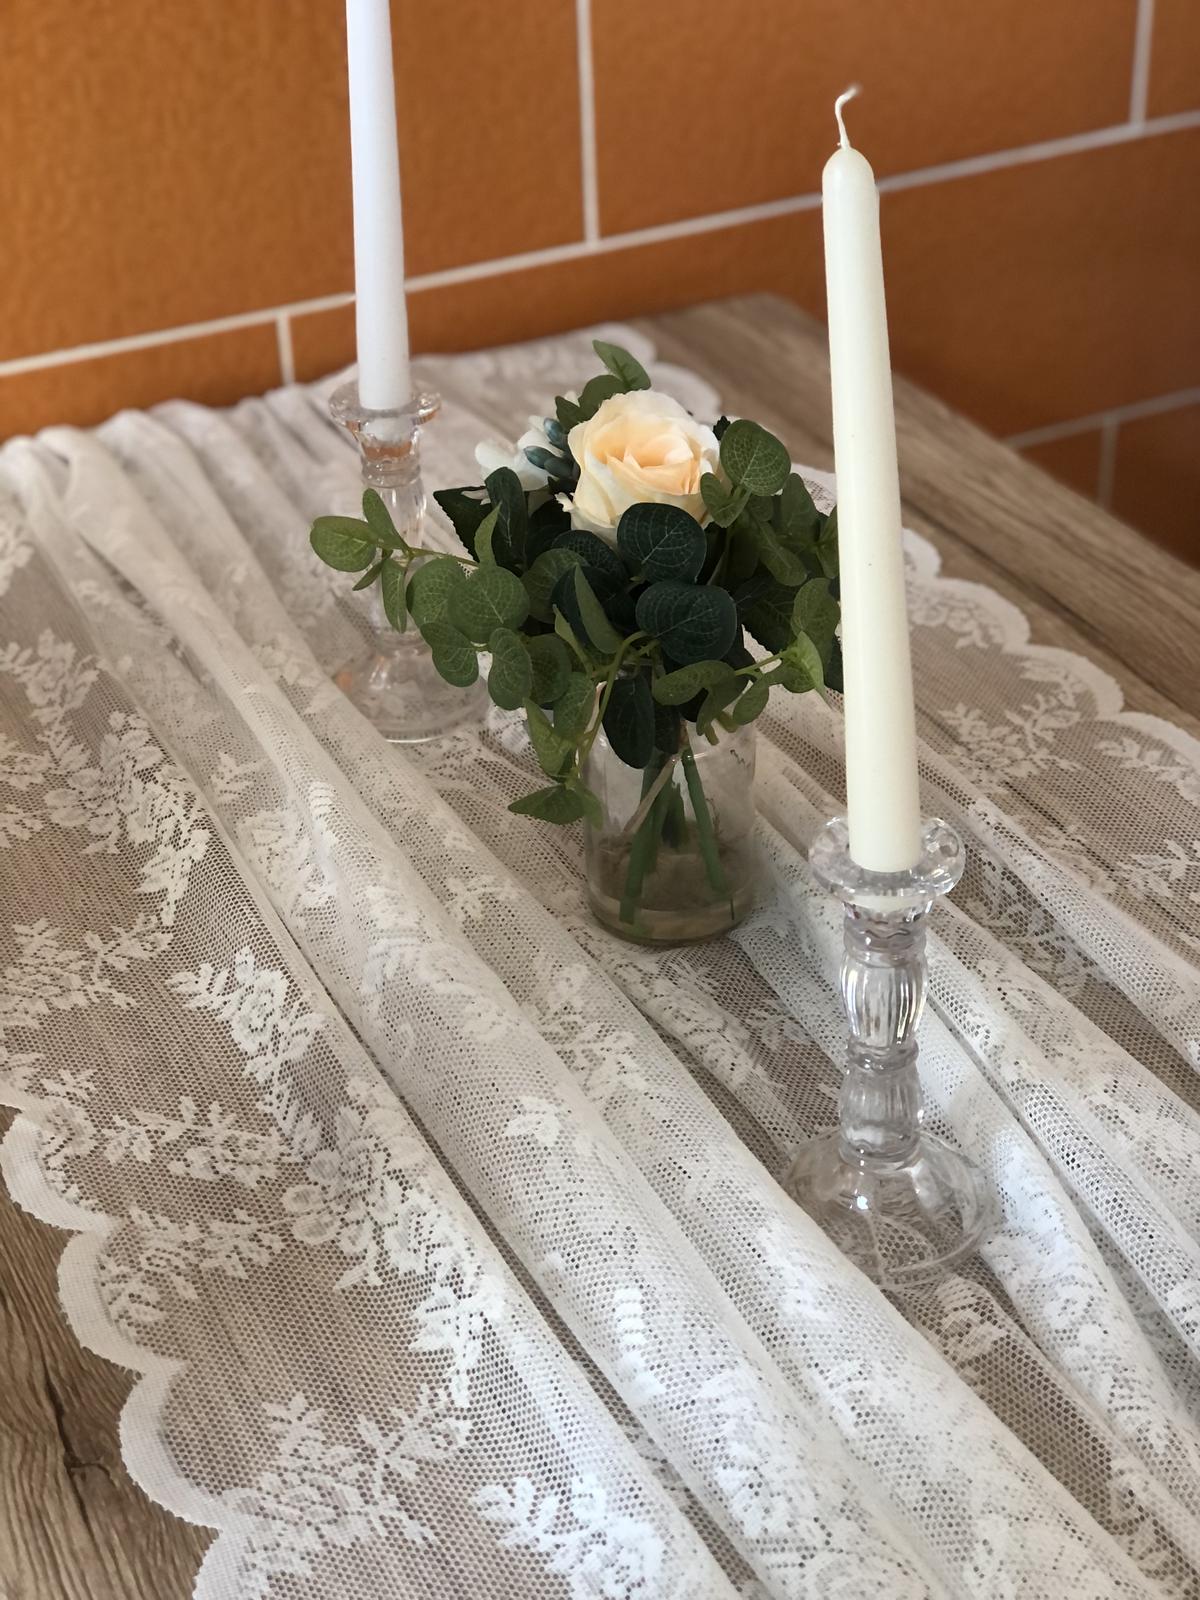 Svatební potahy na židle - Obrázek č. 1